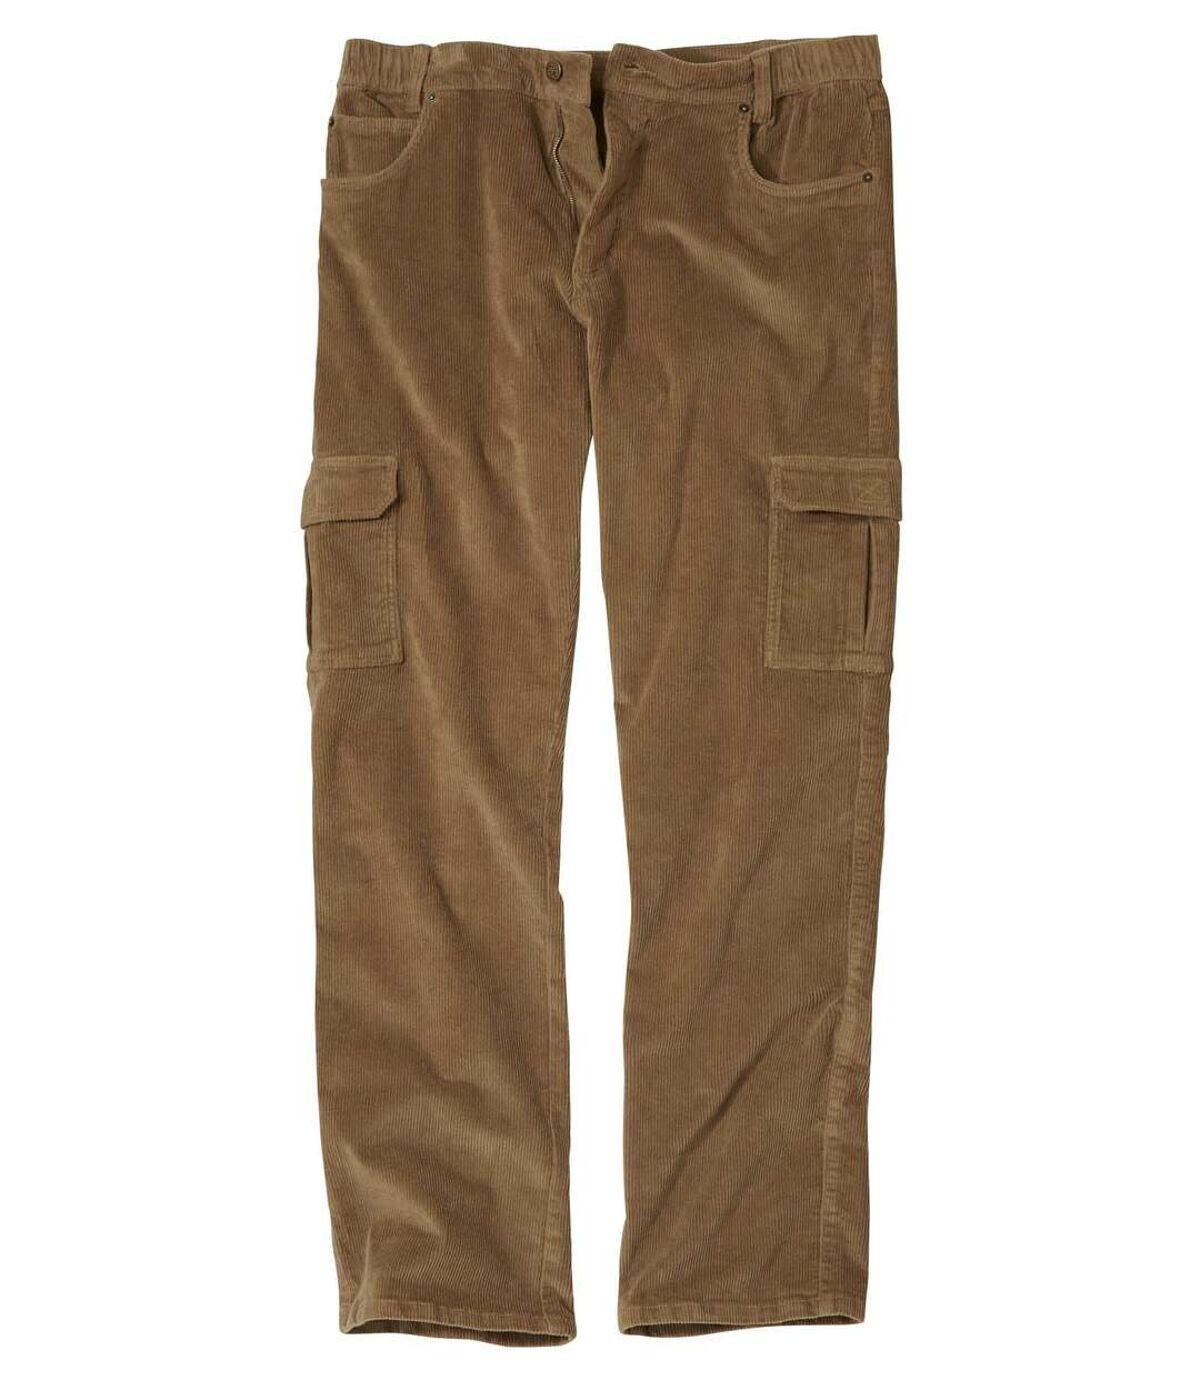 Welurowe spodnie bojówki ze stretchem Atlas For Men